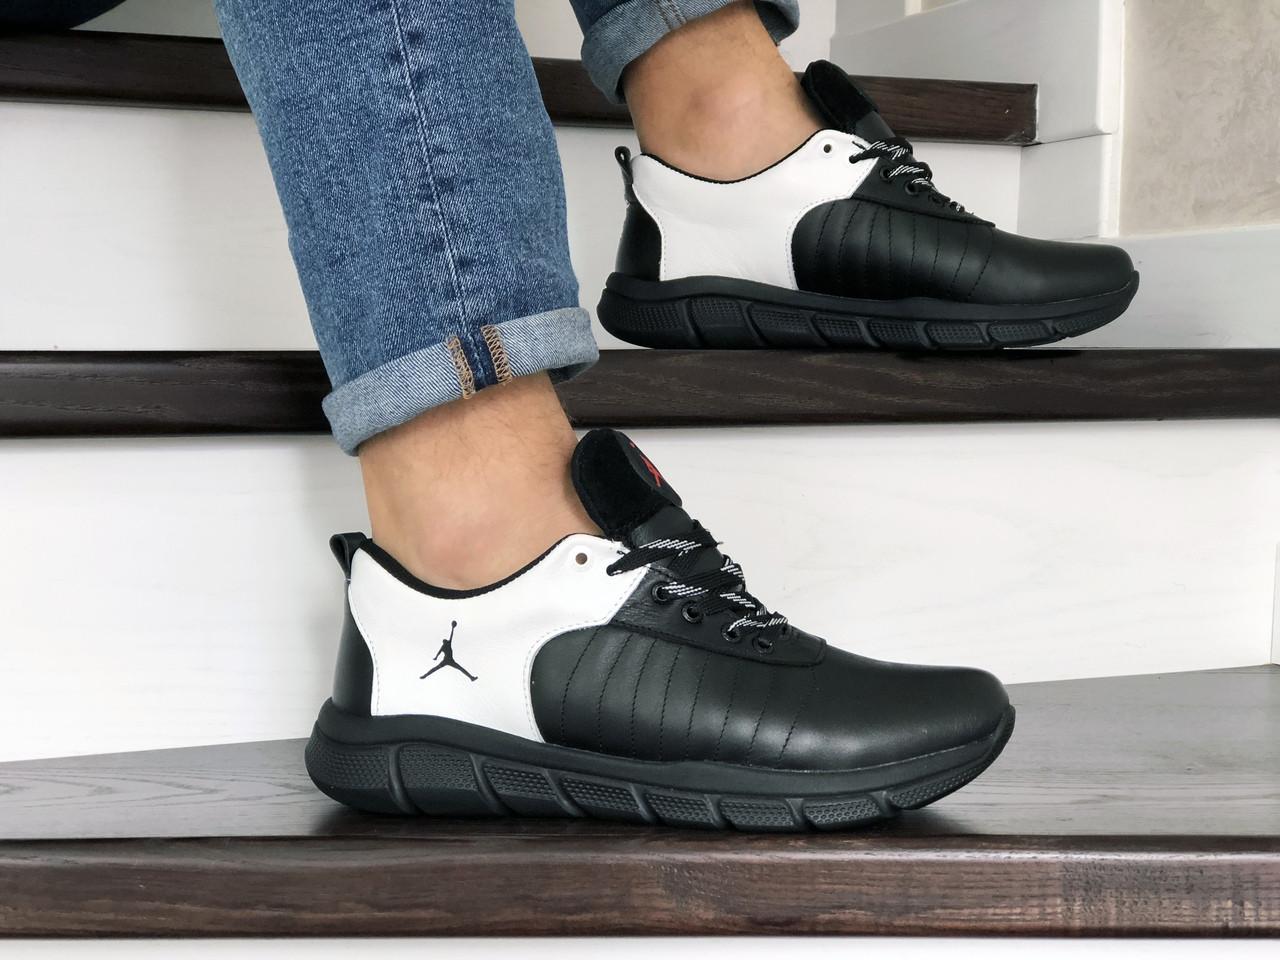 Чоловічі кросівки Nike Air Jordan (чорно-білі) 9027